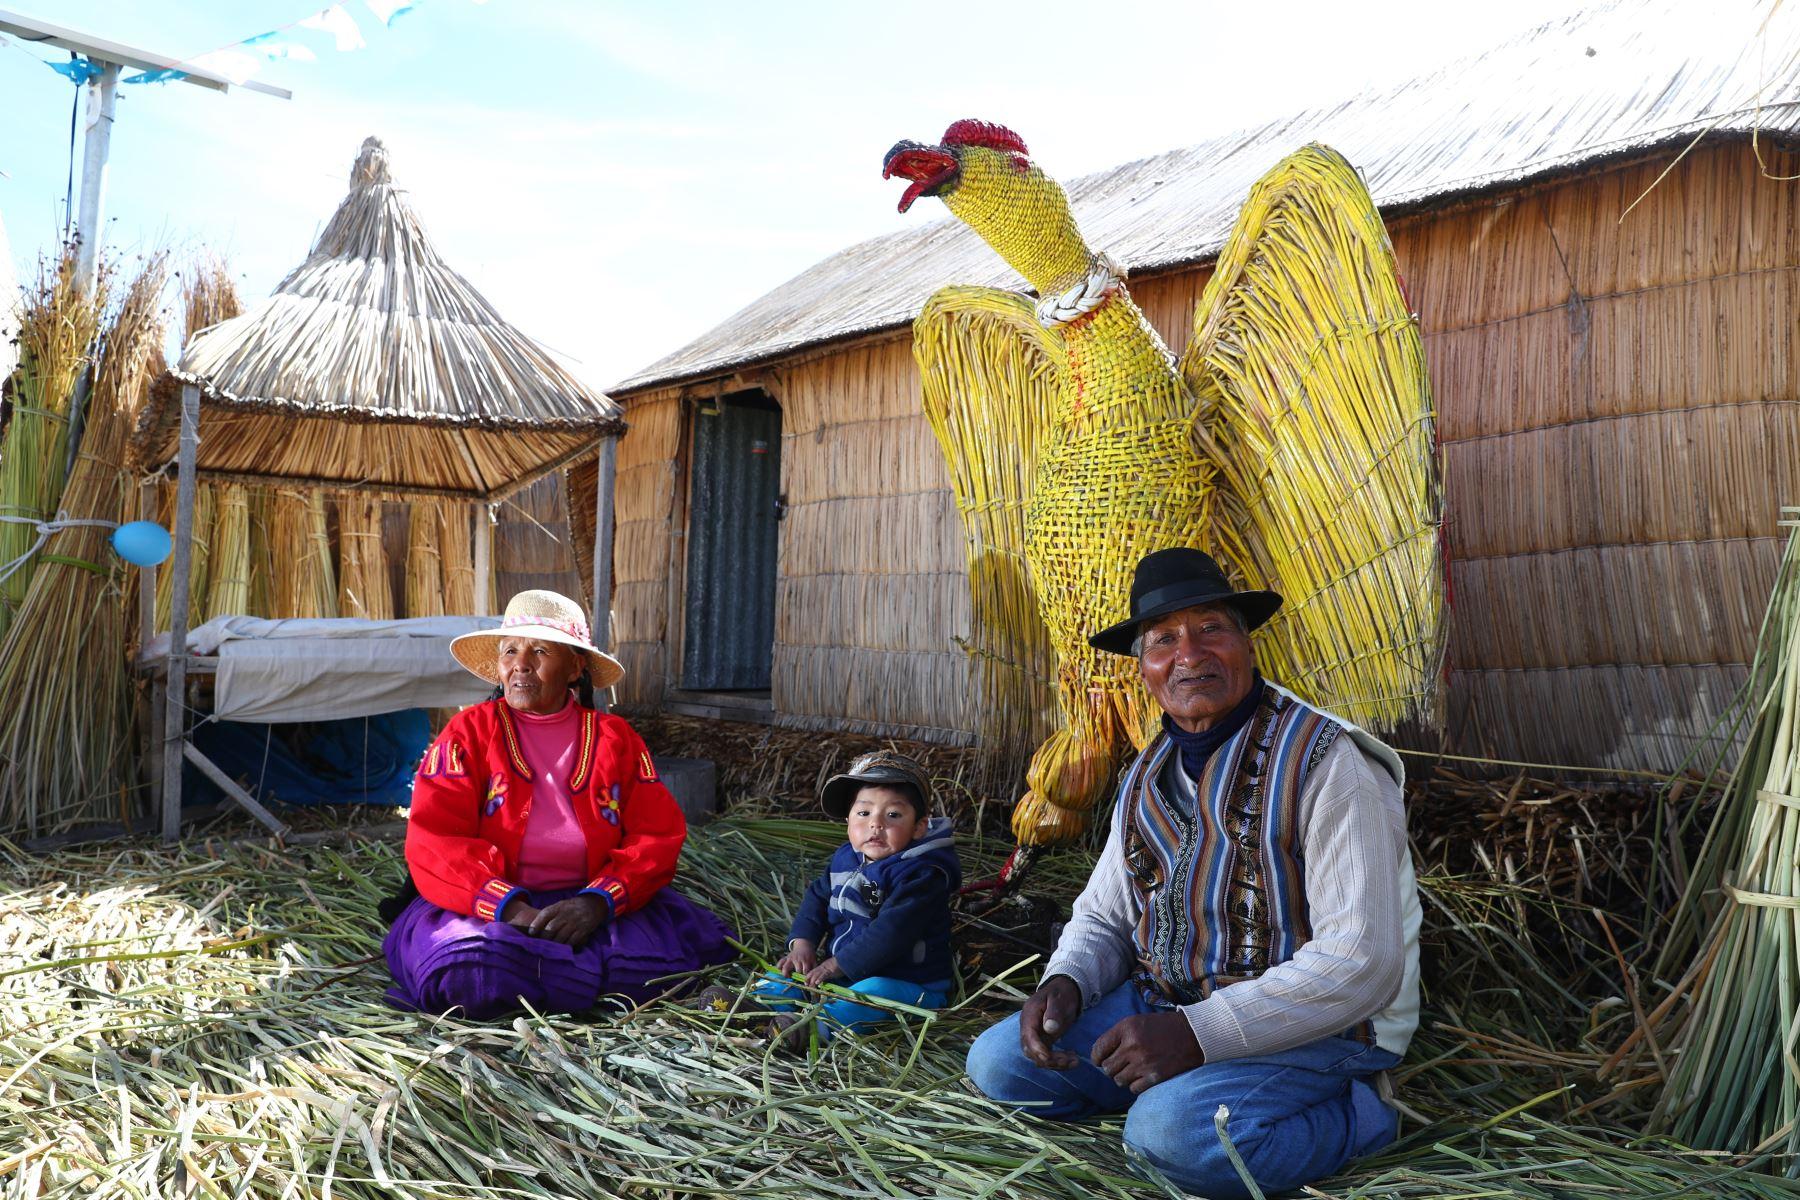 Ante la dificultad de tender redes de transmisión por las aguas del Titicaca, el Gobierno decidió impulsar un proyecto para instalar paneles que captan la luz solar y proveen de energía eléctrica para satisfacer necesidades básicas como iluminación, cargador de celulares, radio y televisión. Foto: ANDINA/Difusión